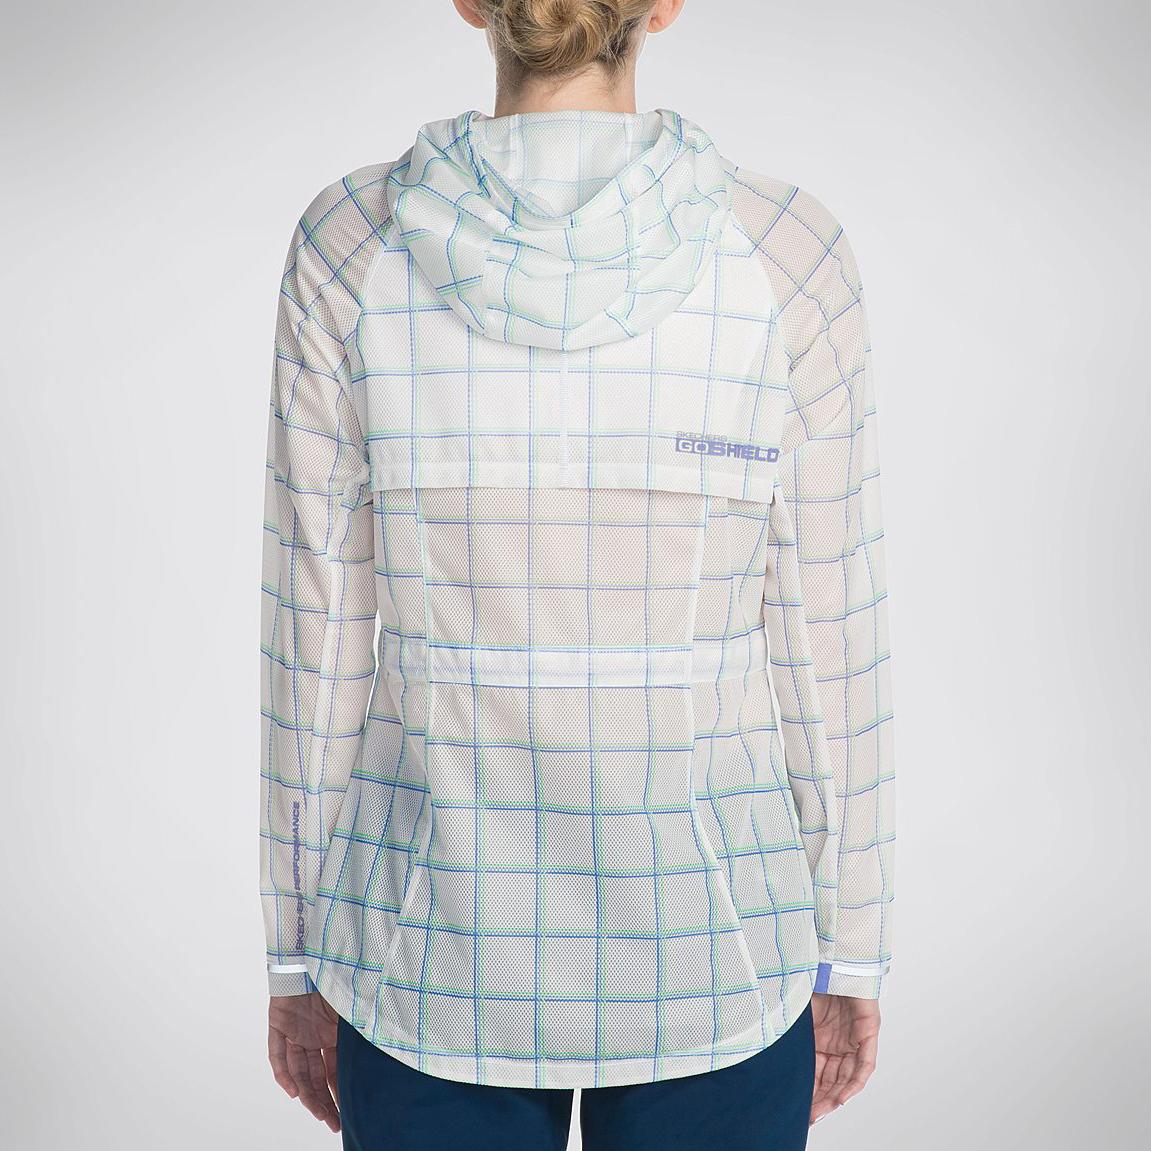 Skechers-Women-039-s-GOSHIELD-Jubilee-Jacket thumbnail 6